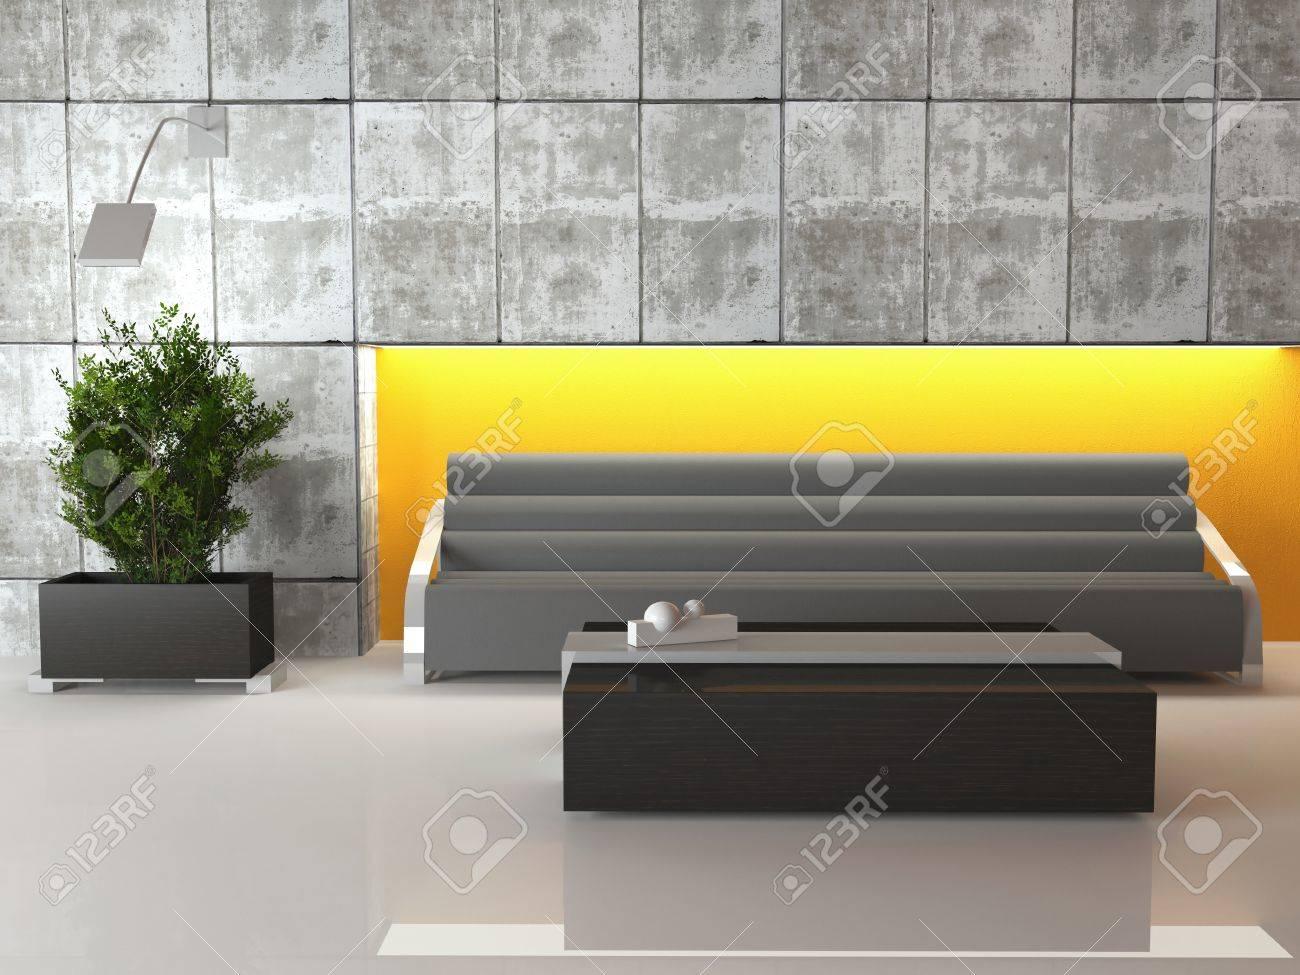 Scène du design de salon ultra-moderne, 3d rendre avec mes propres modèles